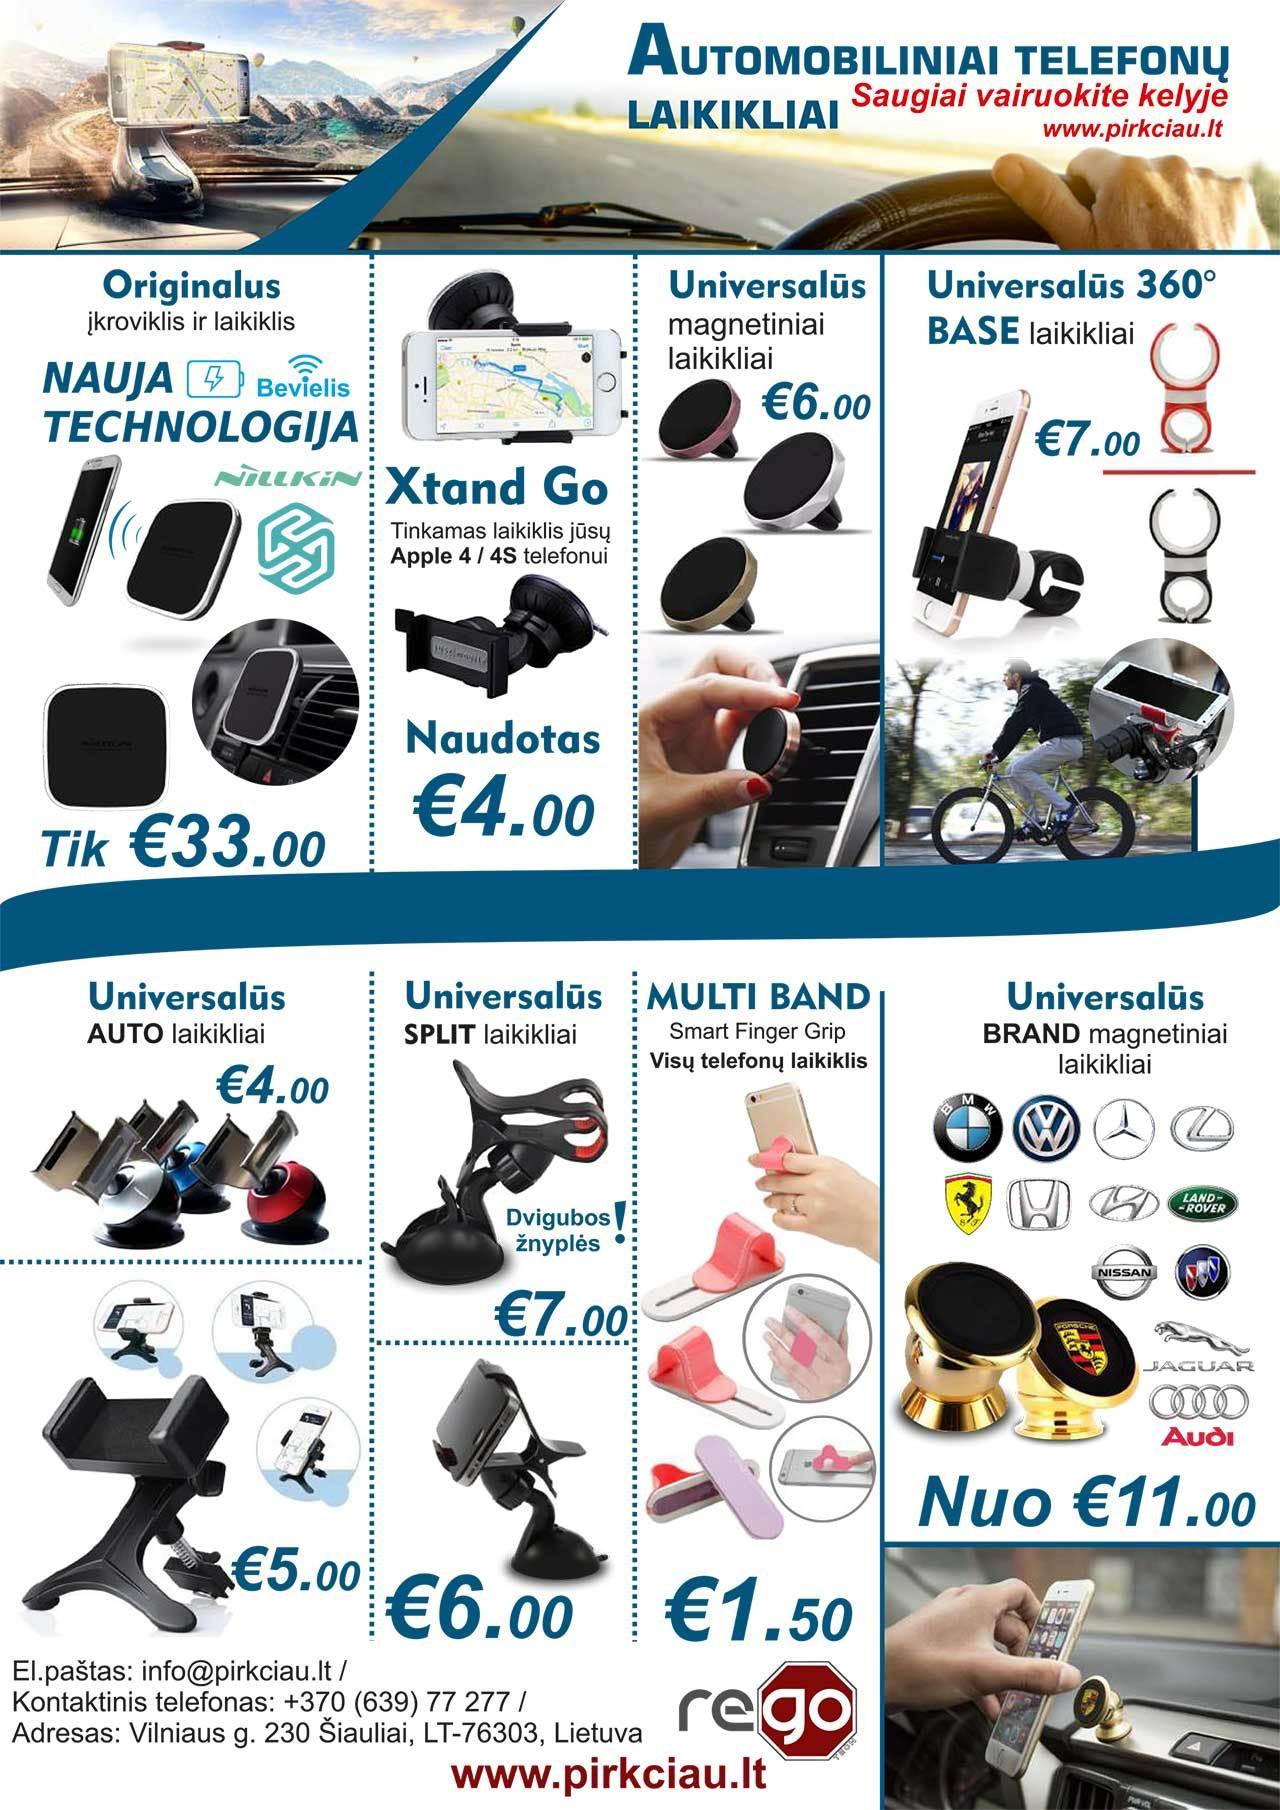 TELEFONŲ LAIKIKLIAI NUO 1,50 eur!